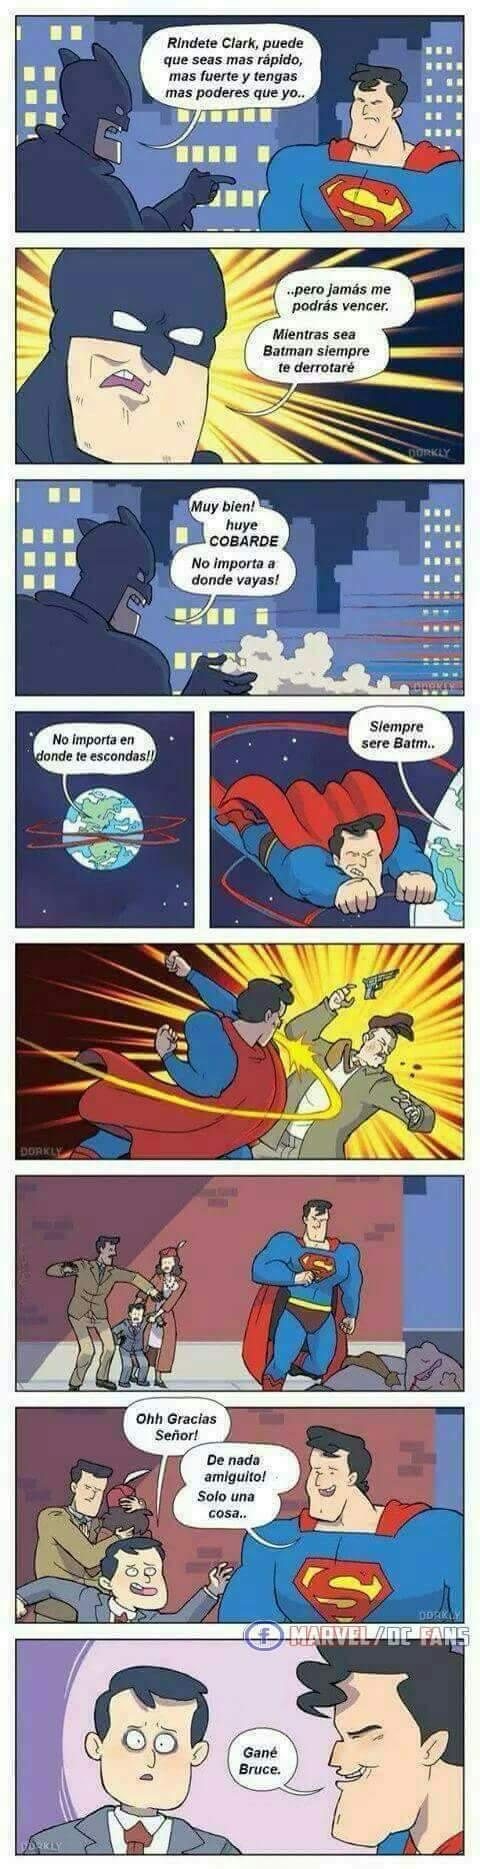 Gane Brus - meme